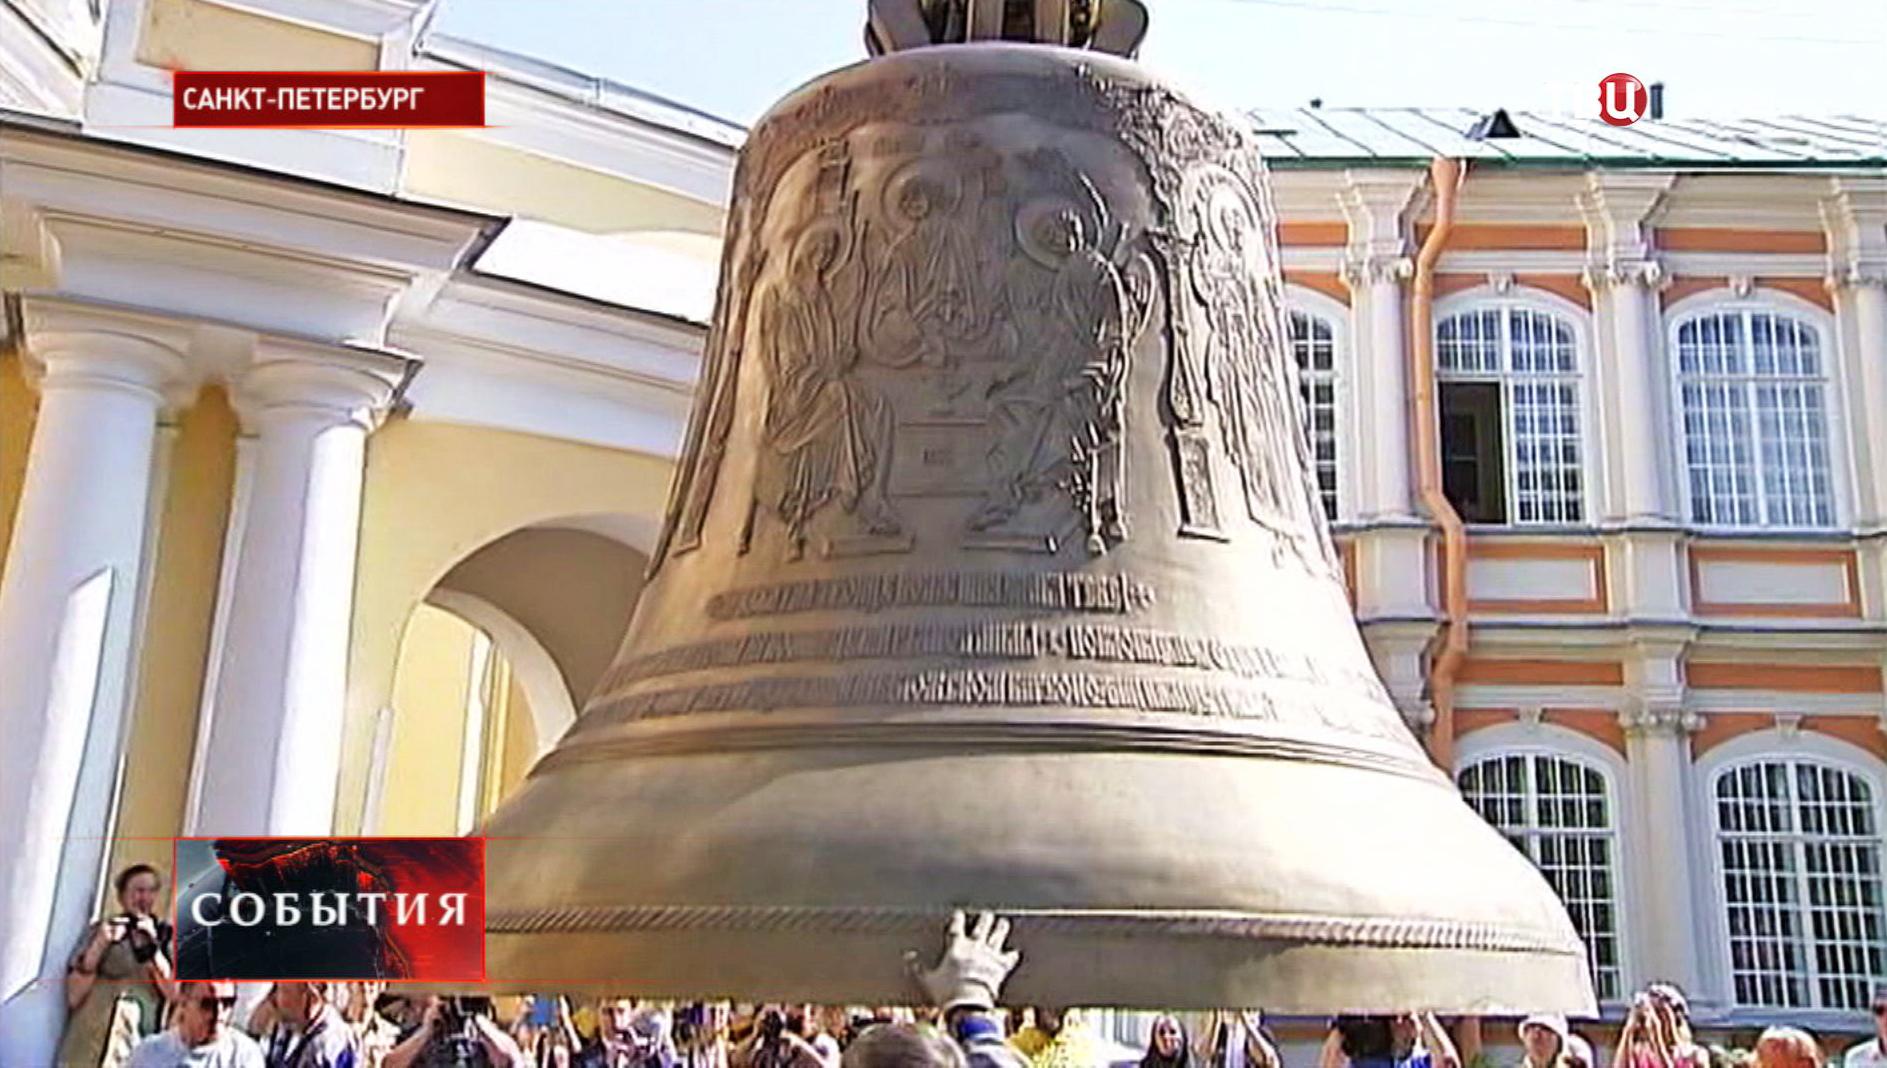 Самый большой колокол Свято-Троицкого собора доставили в Санкт-Петербург